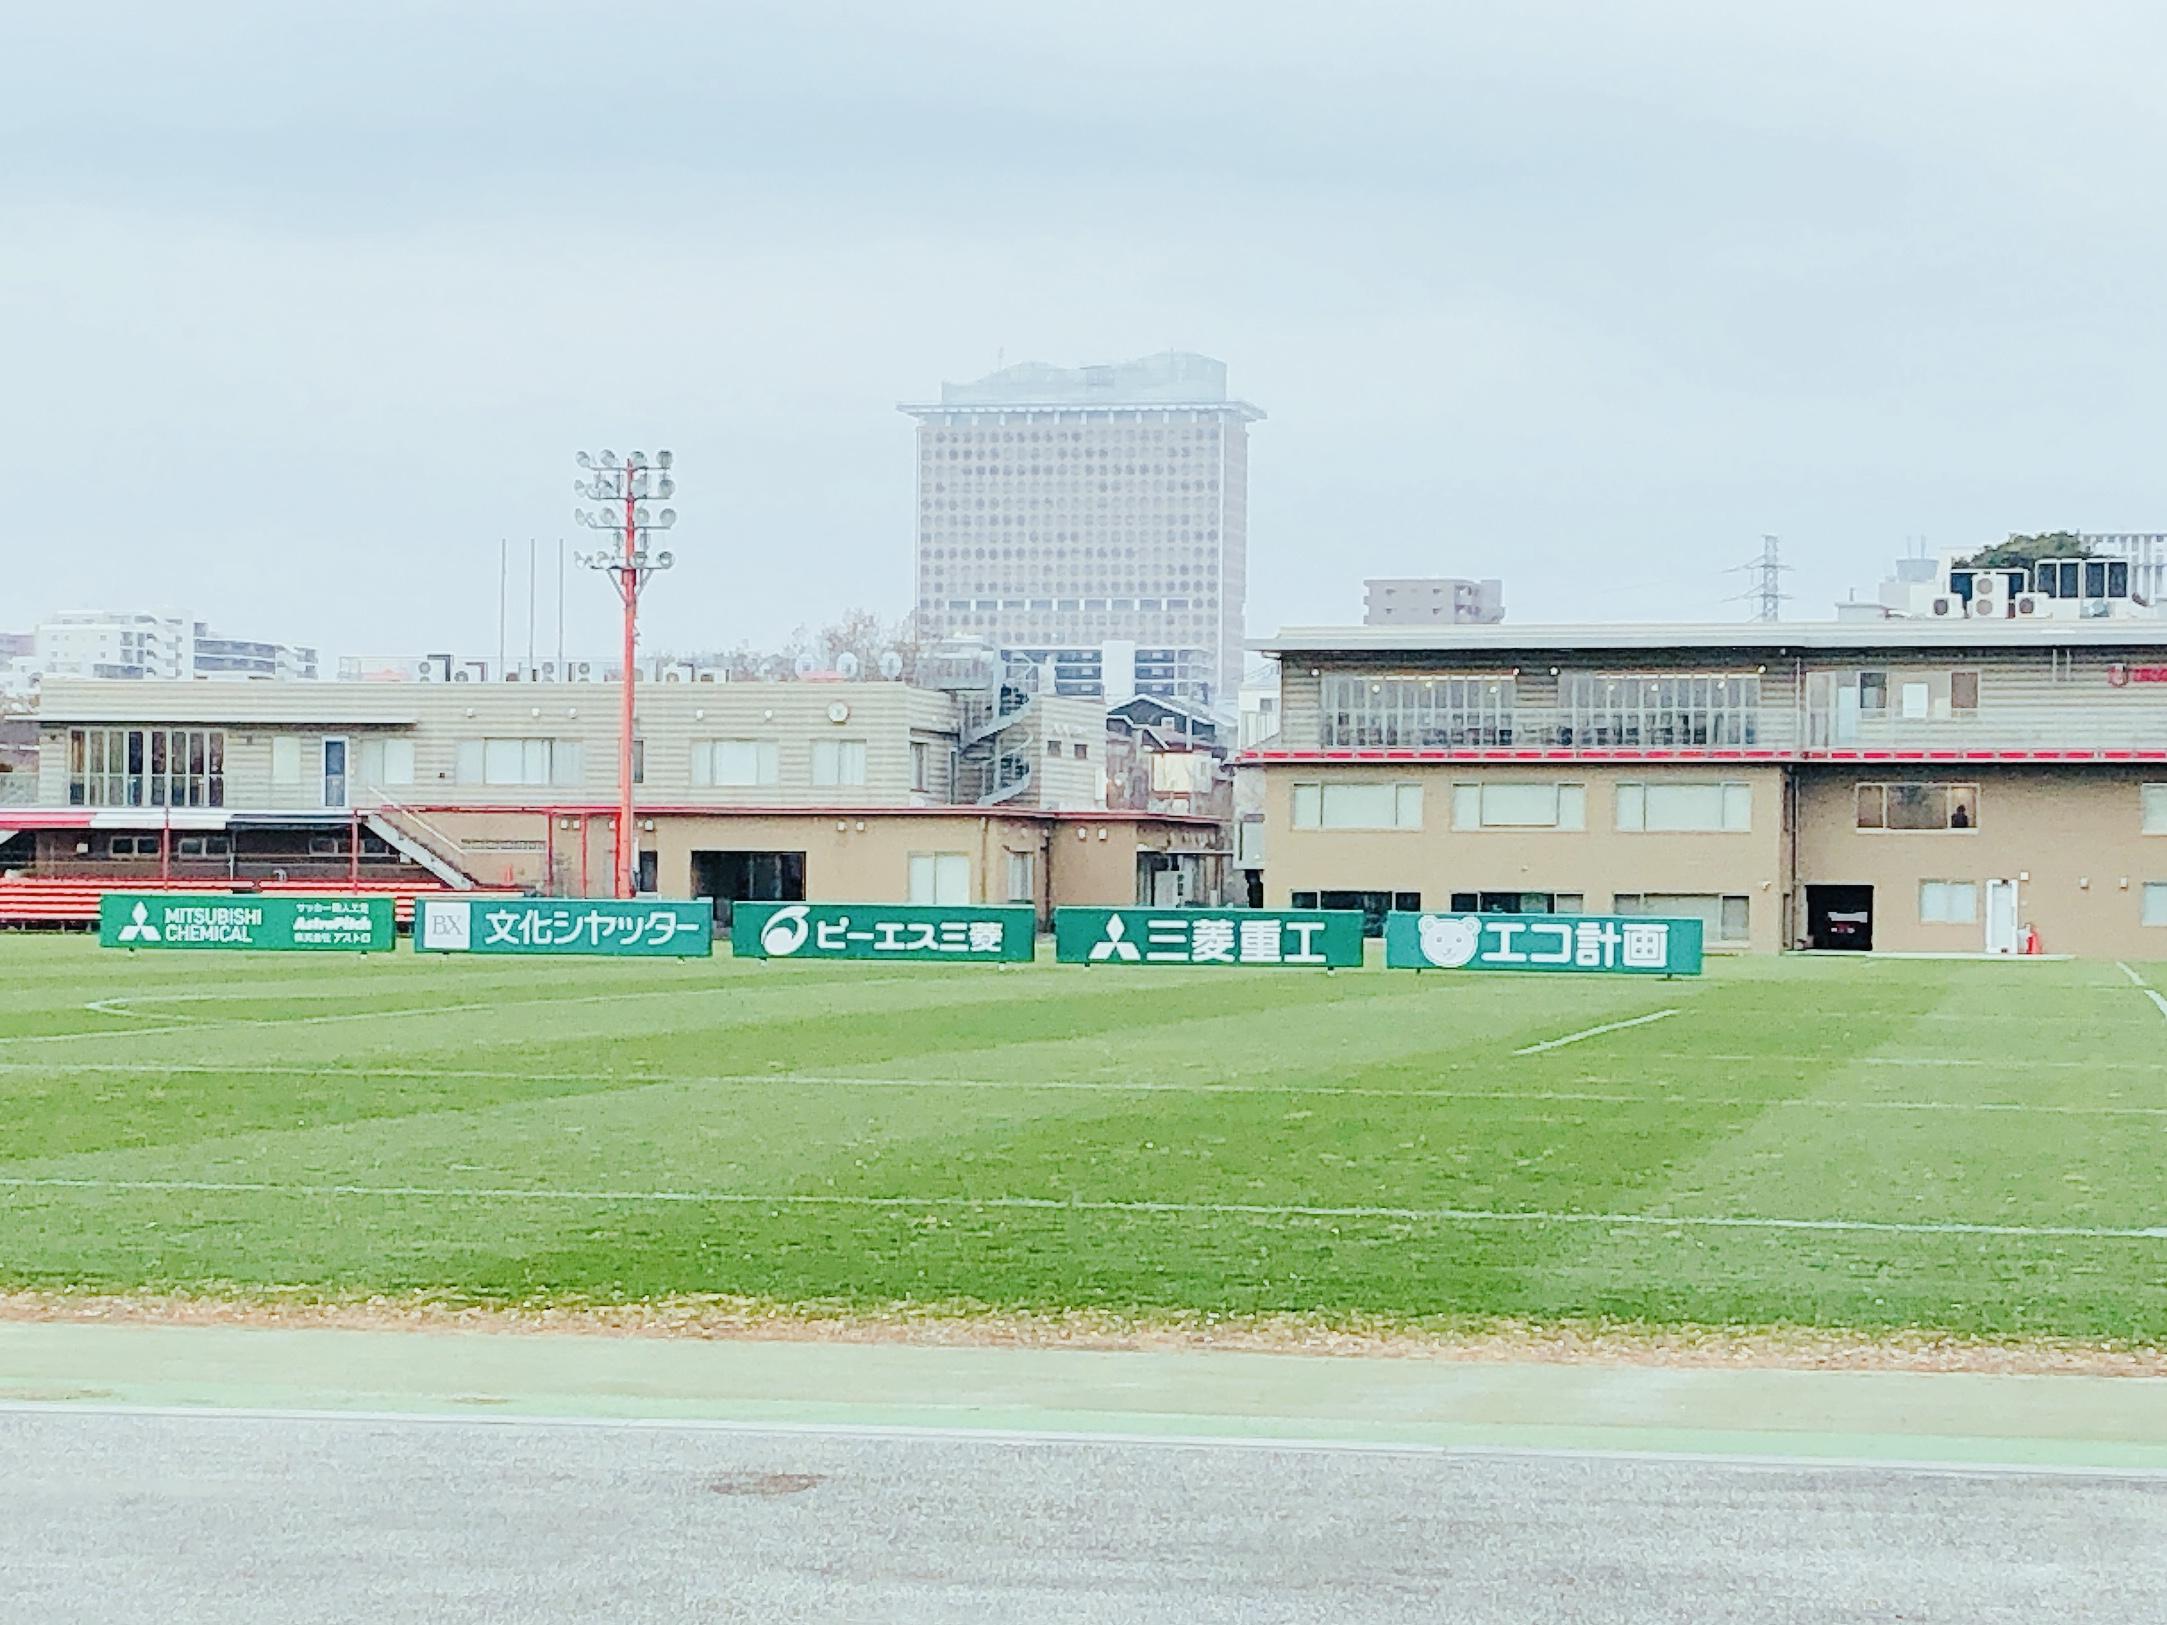 さいたま市浦和区大原サッカー場 浦和レッズ練習場